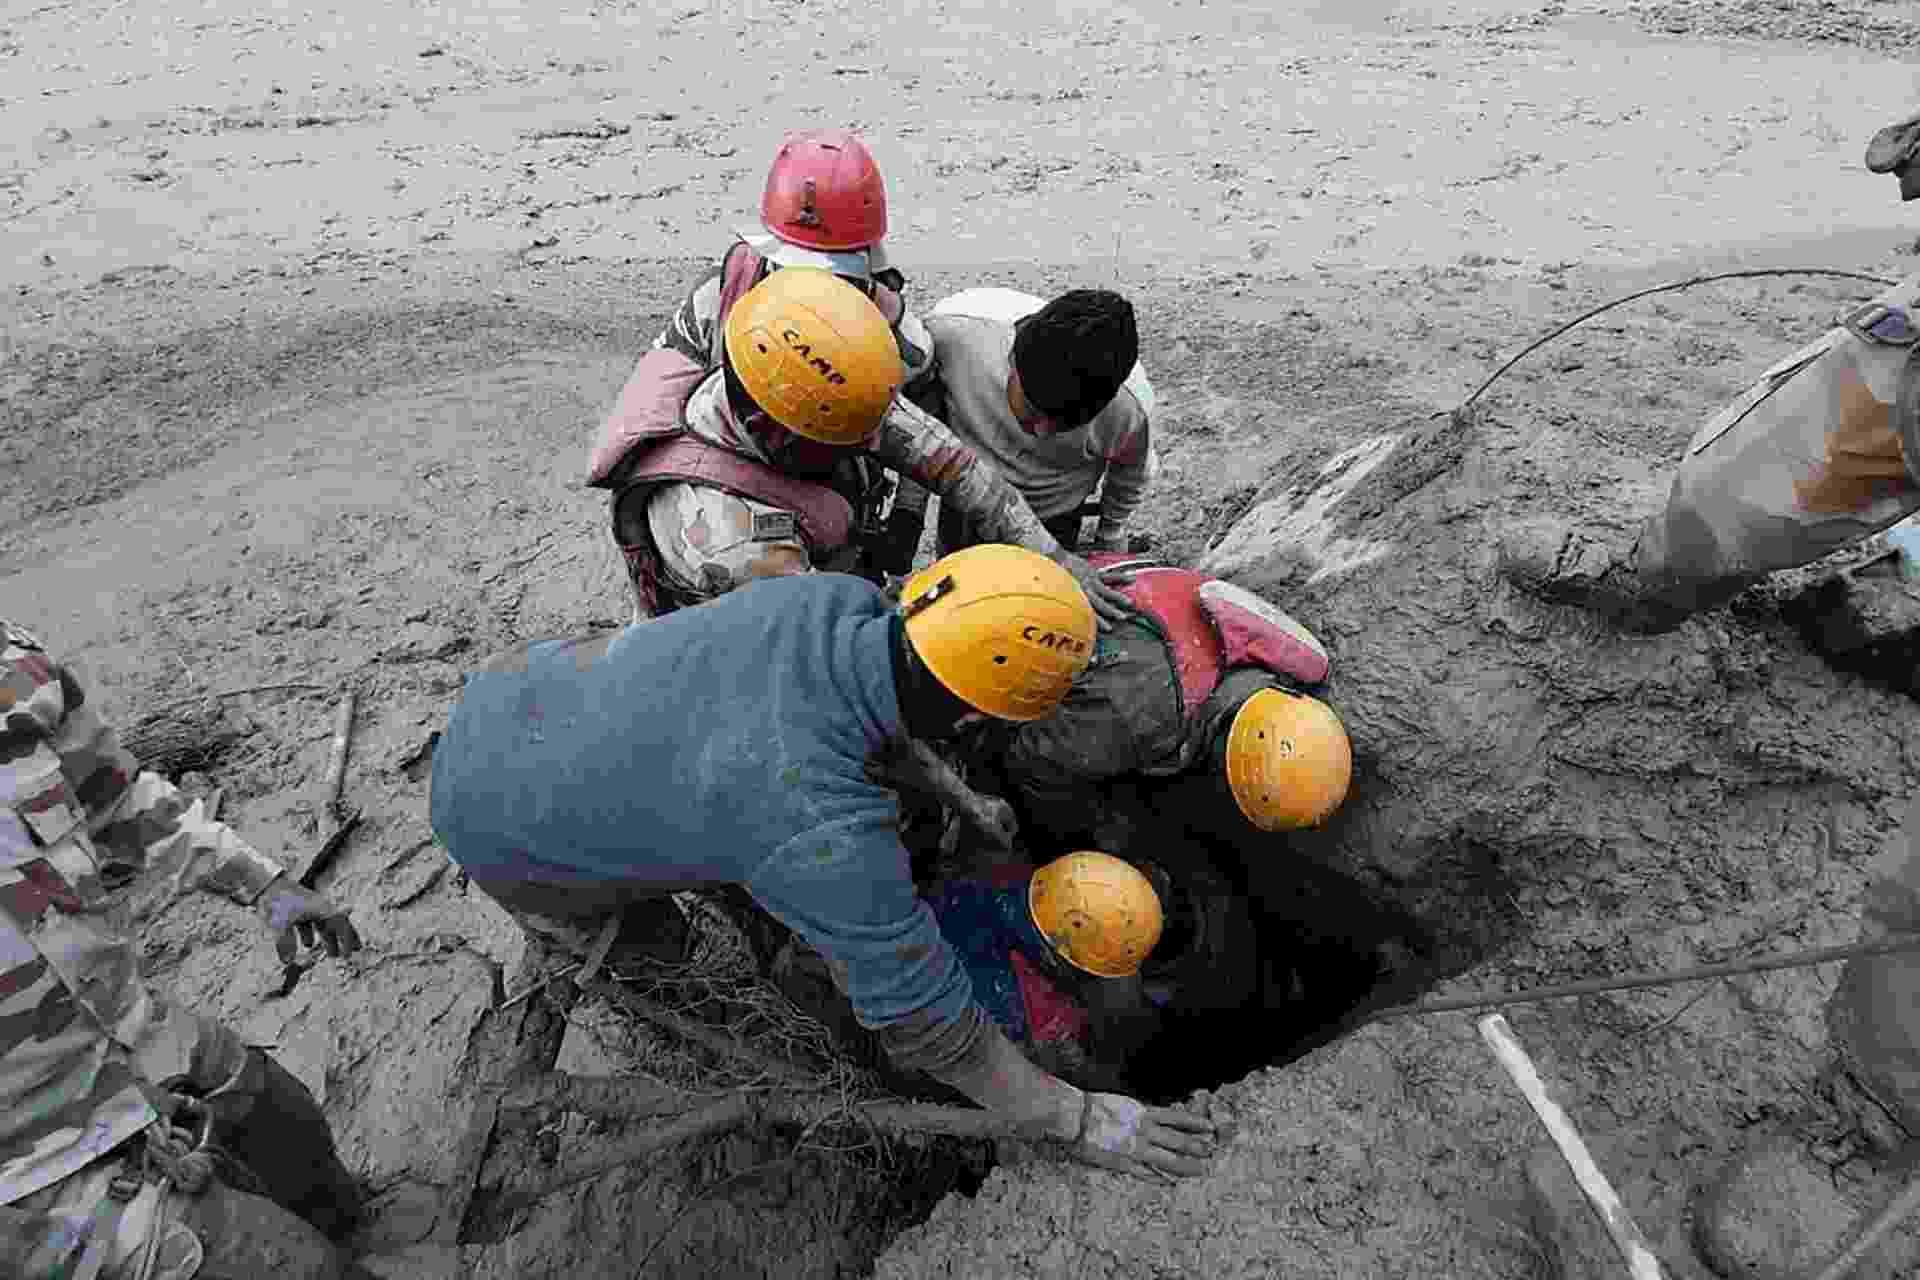 07.fev.2021 - Rompimento de geleira no Himalaia deixa mortos na Índia - AFP PHOTO/Indo-Tibetan Border Police (ITBP)